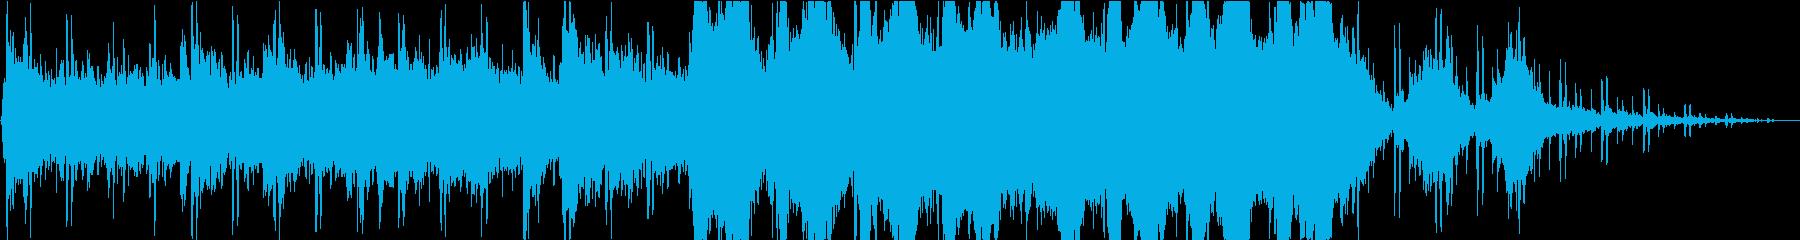 深謀な曲。の再生済みの波形